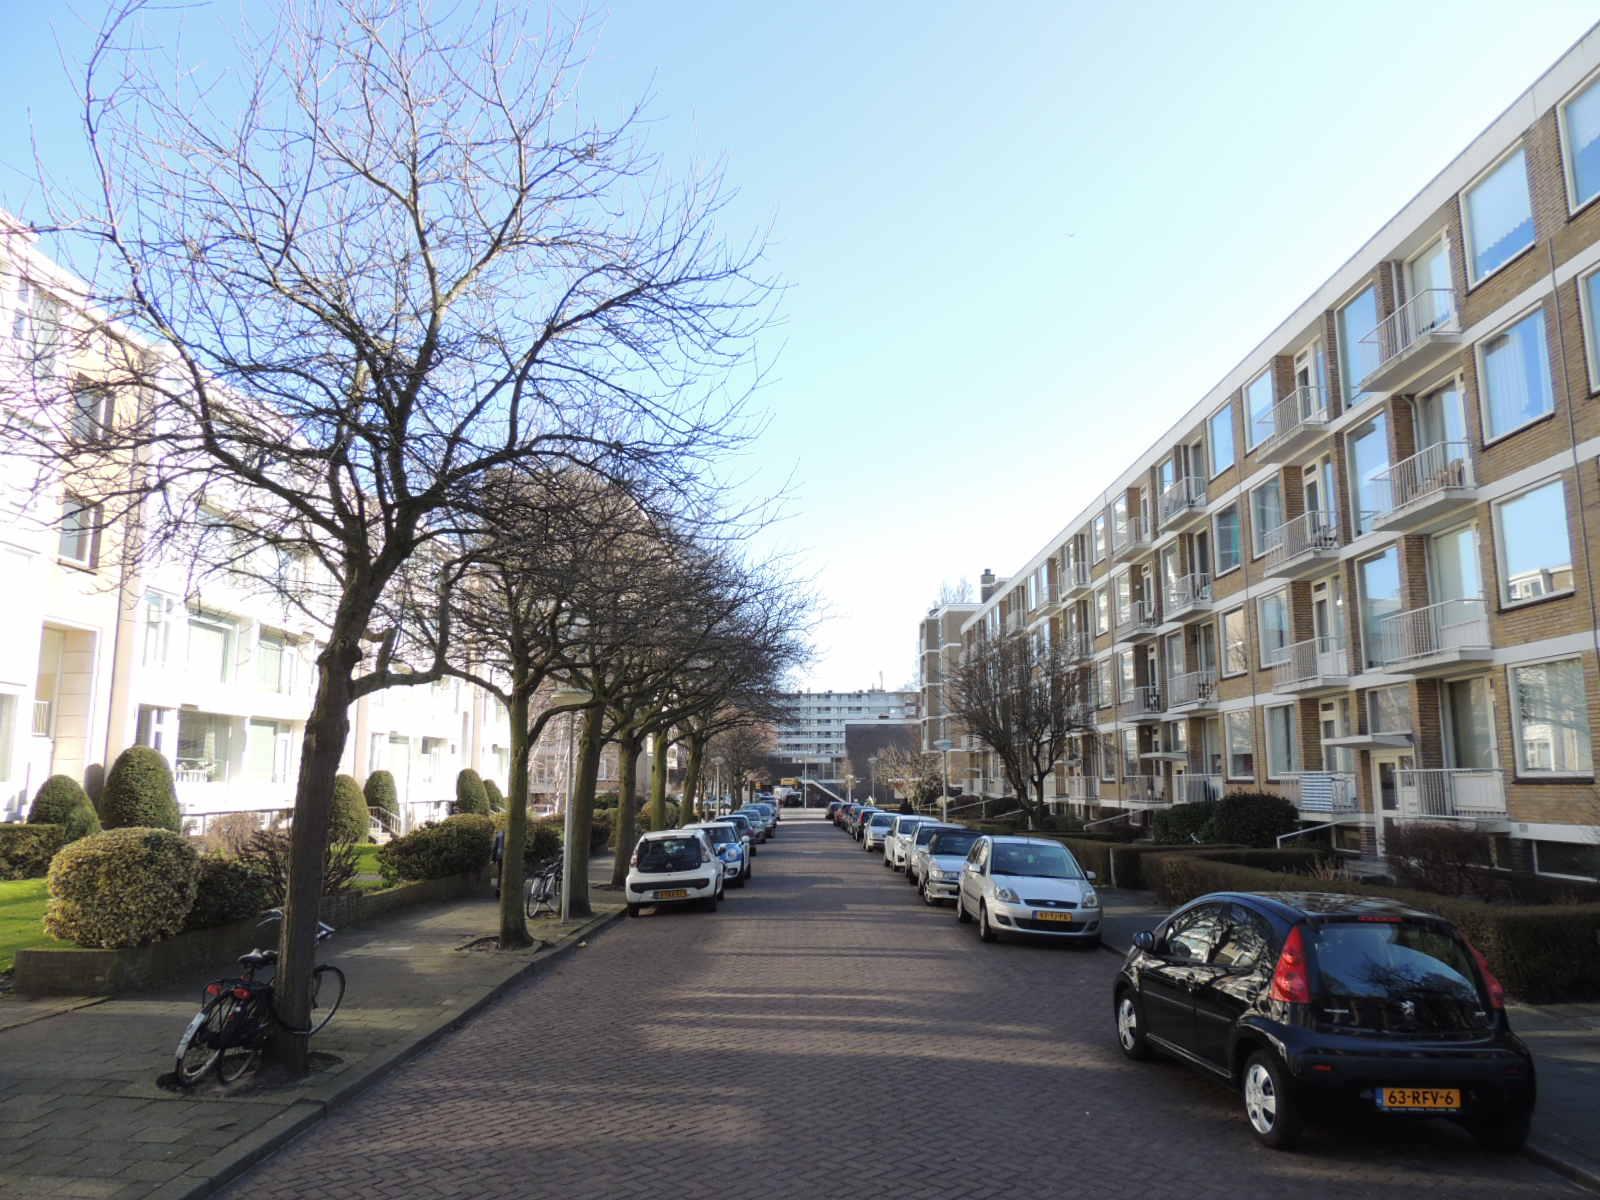 Messchaertstraat, The Hague